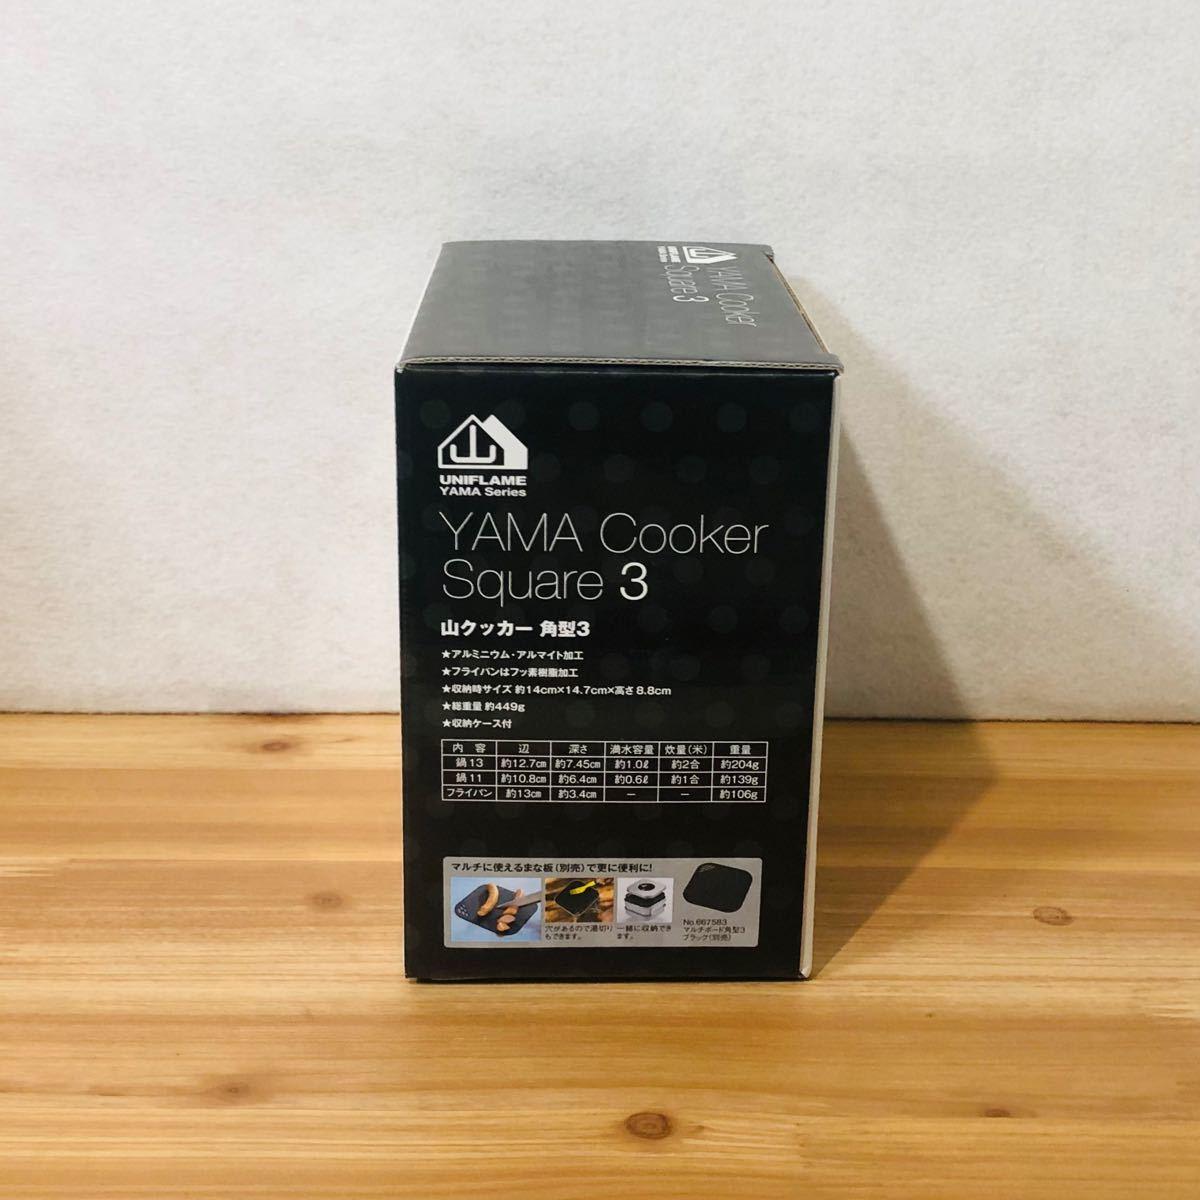 UNIFLAME(ユニフレーム) 山クッカー 角型3 No.667705